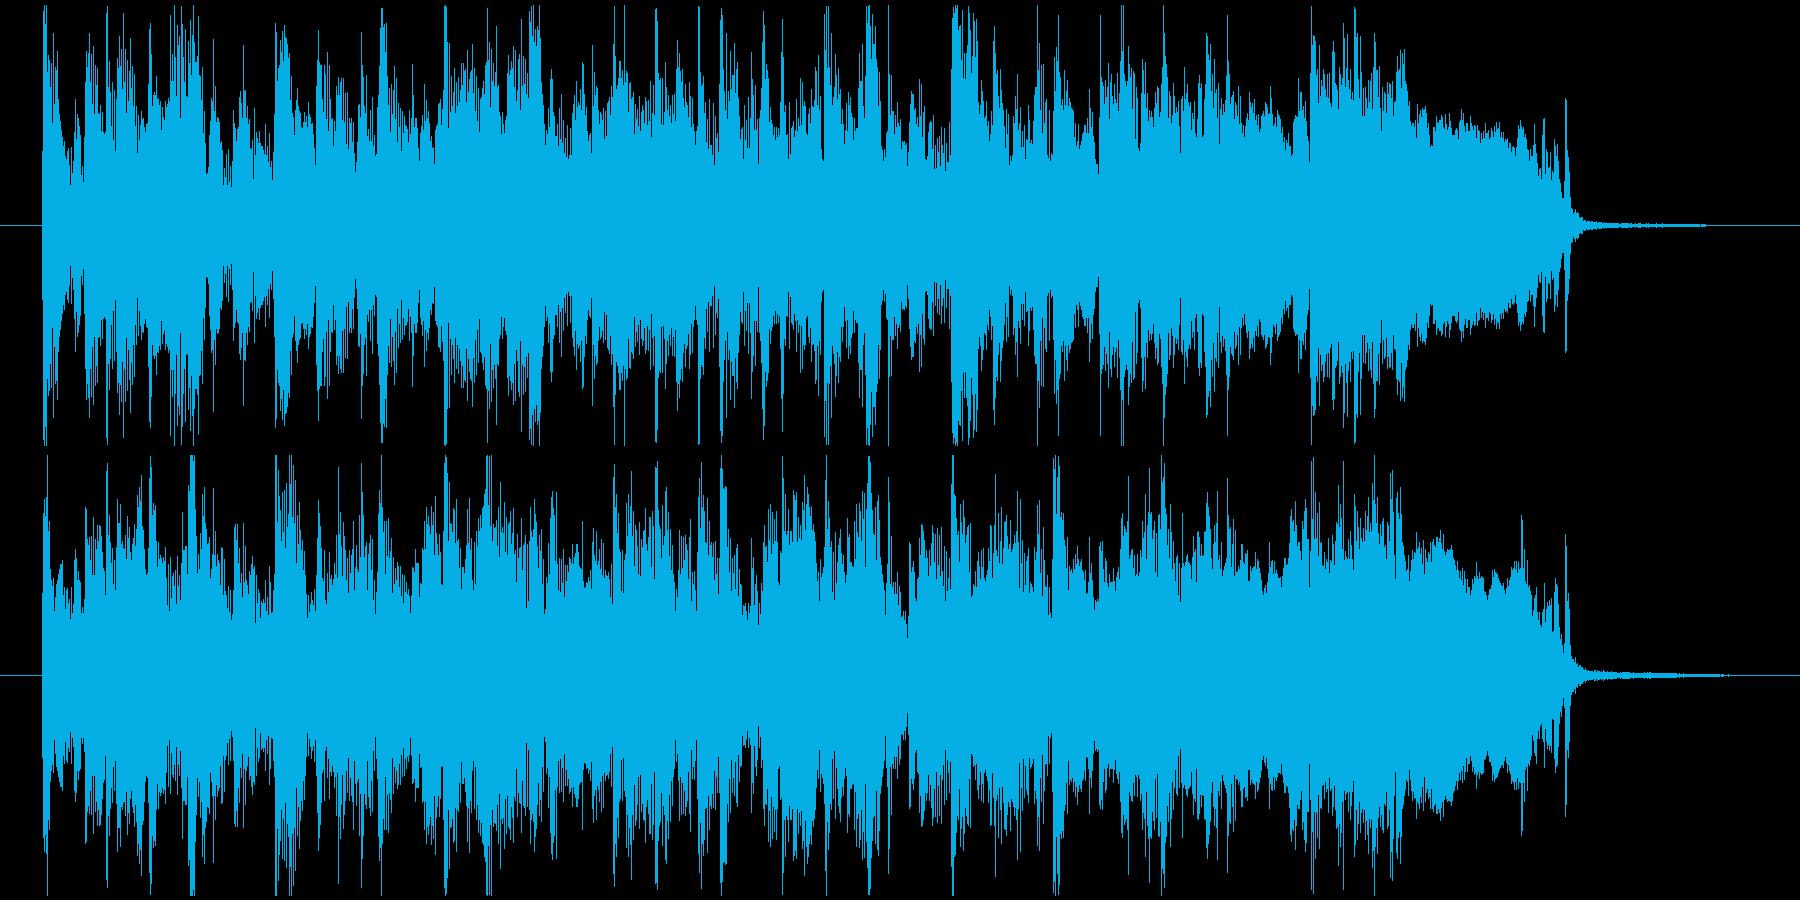 レトロなバンドサウンドのジングルの再生済みの波形